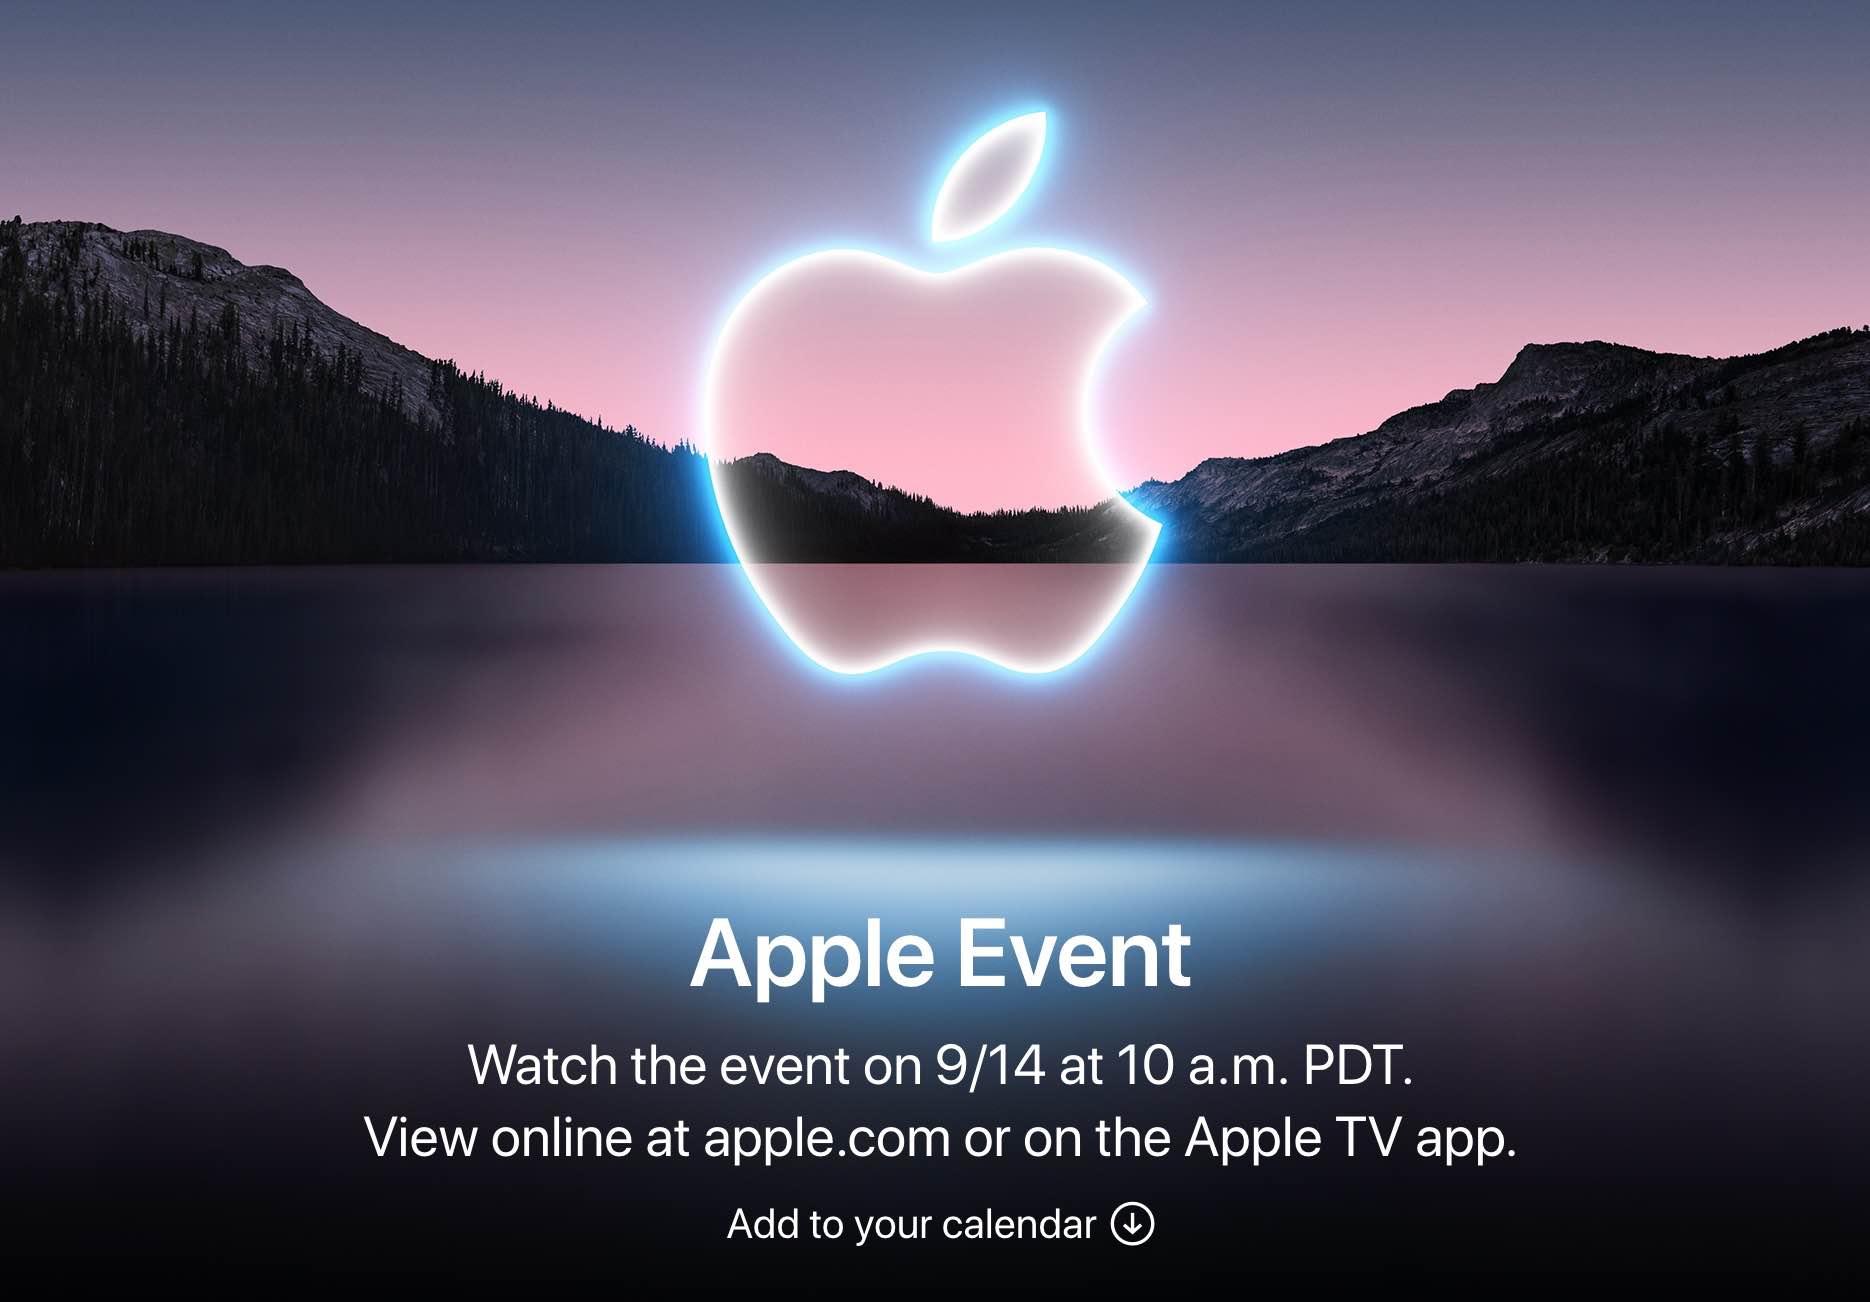 Prezentacja iPhone 13 - gdzie i jak oglądać? polecane, ciekawostki przekaz na żywo, prezentacja na zywo, prezentacja iPhone 13, prezentacja apple watch series 7, prezenatcja iphone 13 na andorid, na żywo, Live, link do prezentacji iphone 13, konferencja Apple, jak ogladac preznetacje iphone 13, iPhone 13 Pro, iphone 13 livestream, gdzie ogladac preznetacje iphone 13, gdzie oglądać, Apple  Już w najbliższy wtorek 14 września po godzinie 19 rozpocznie się na pewno przez wszystkich długo wyczekiwana konferencja Apple, na której zaprezentowane zostaną m.in. nowe iPhone'y 13. EVENT 1 1